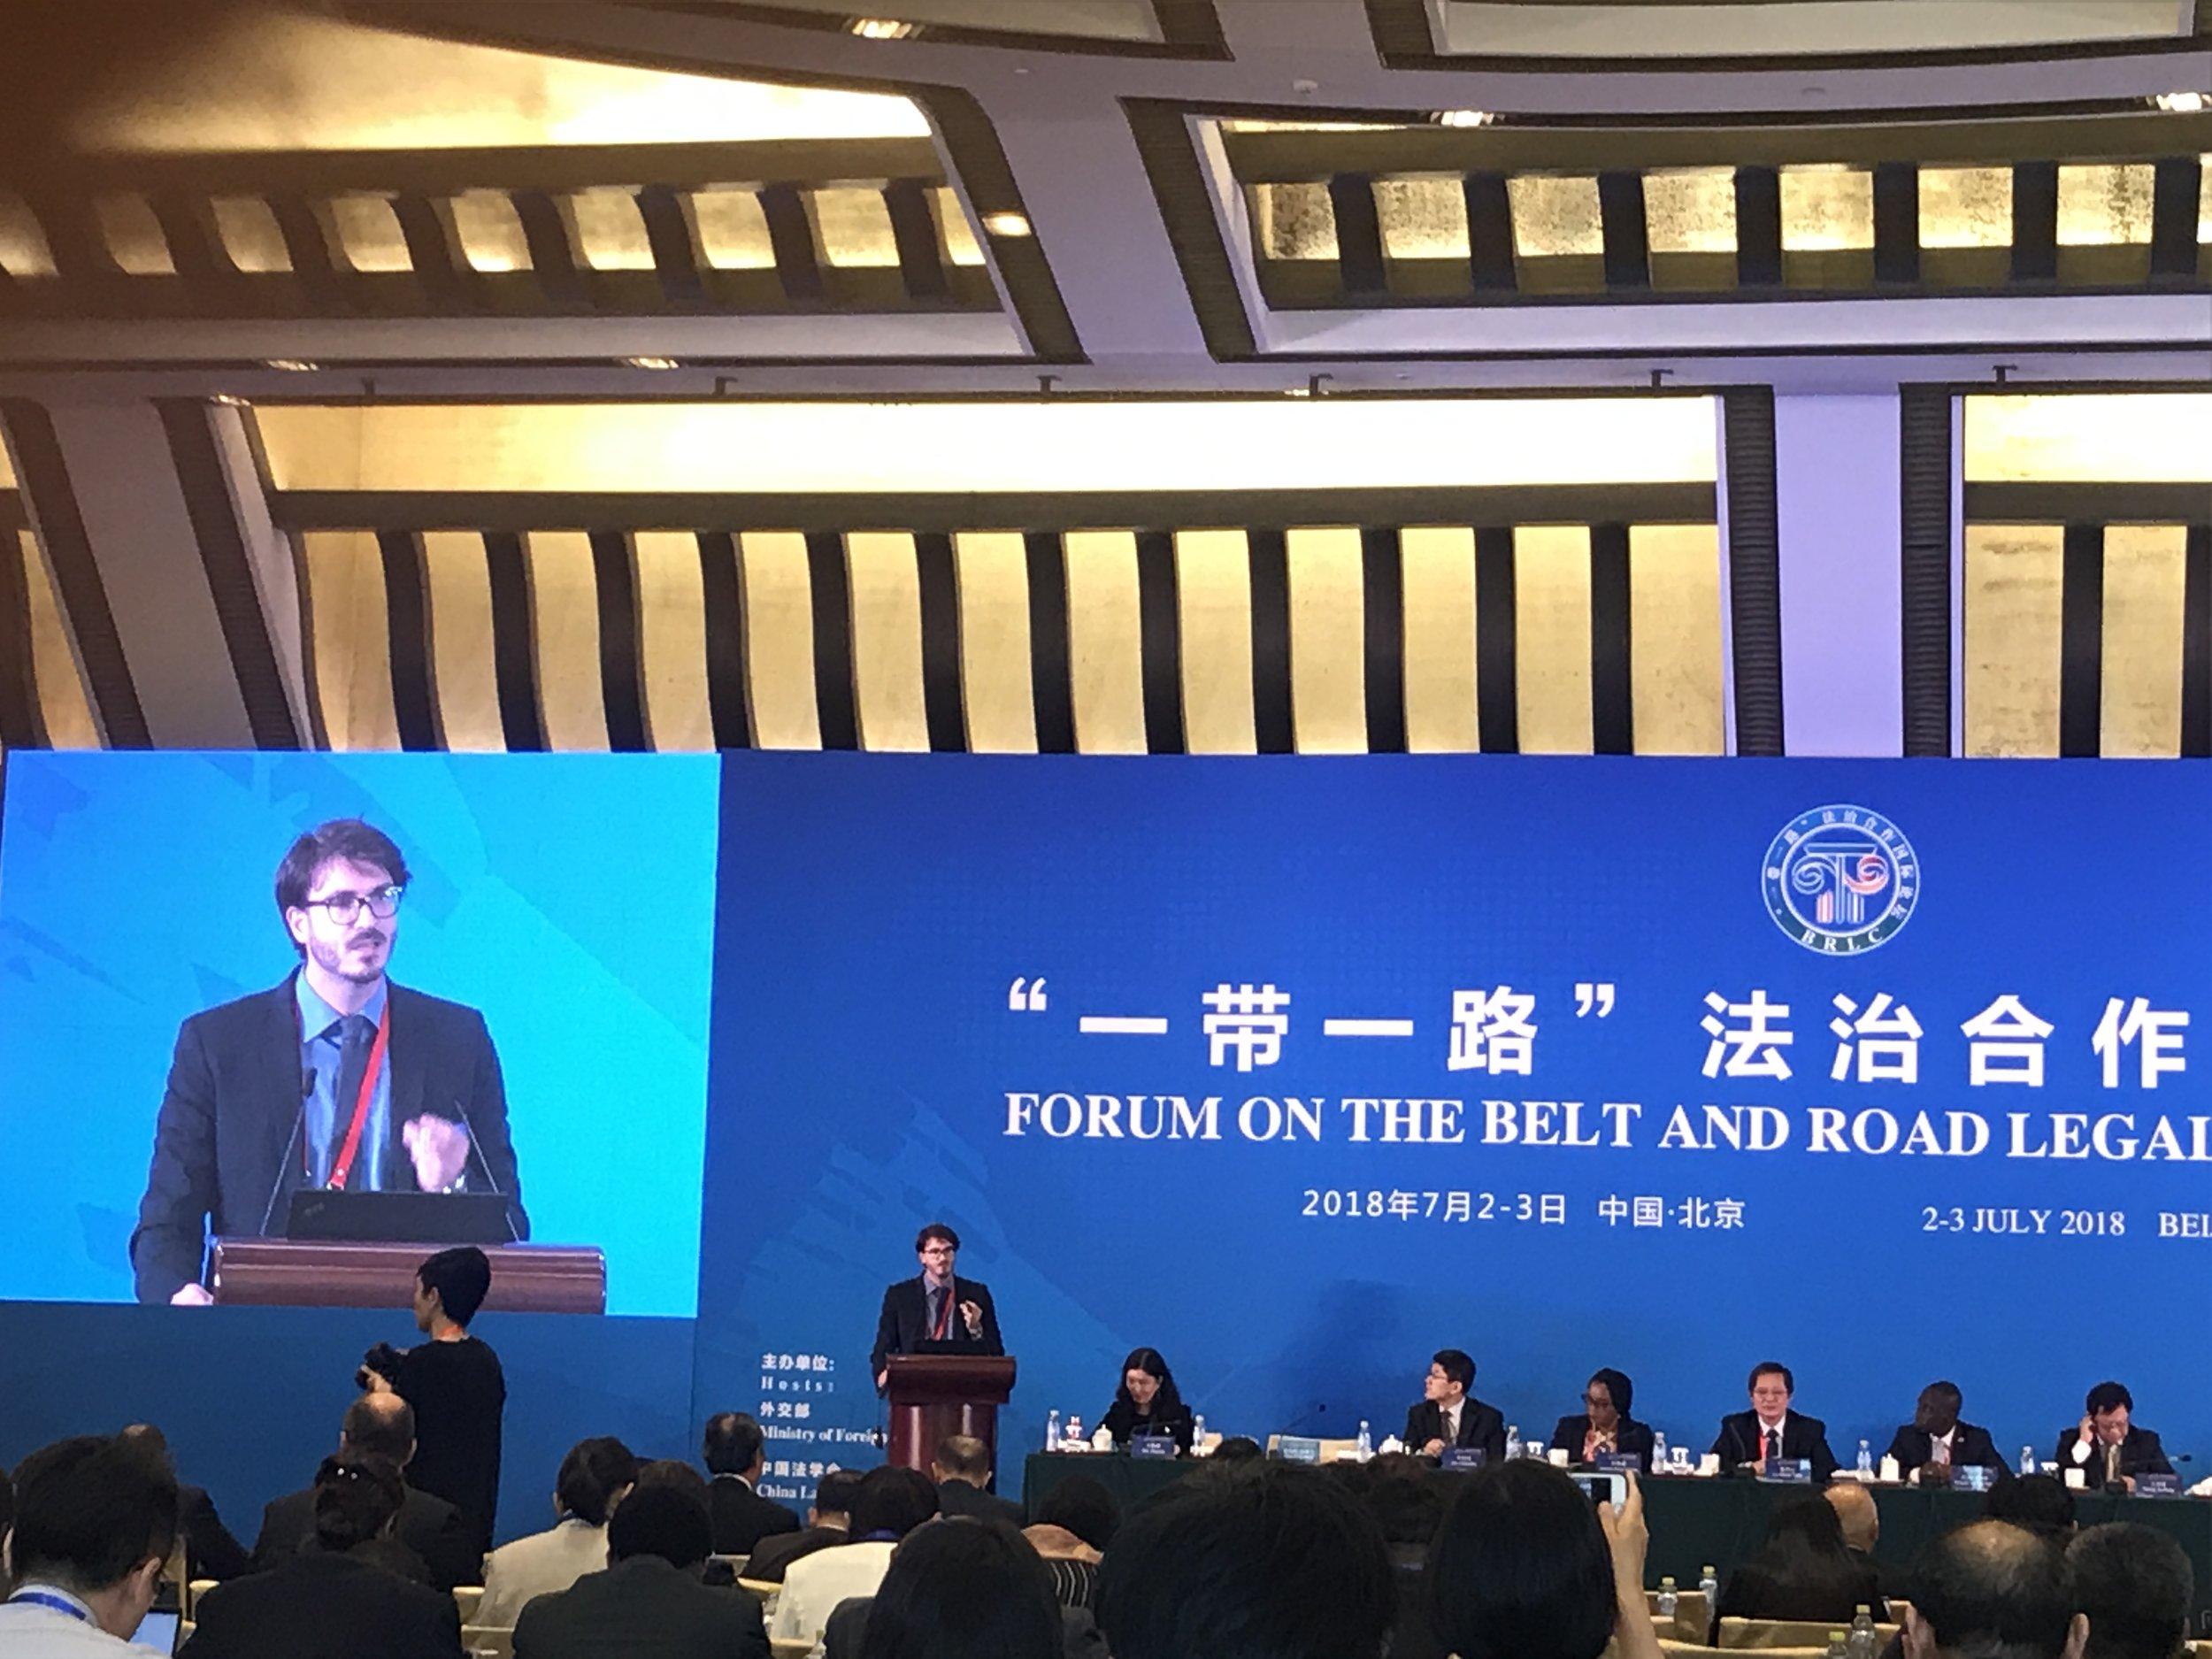 一带一路法治合作国际论坛 2018年7月2 - 3日中国 - 北京